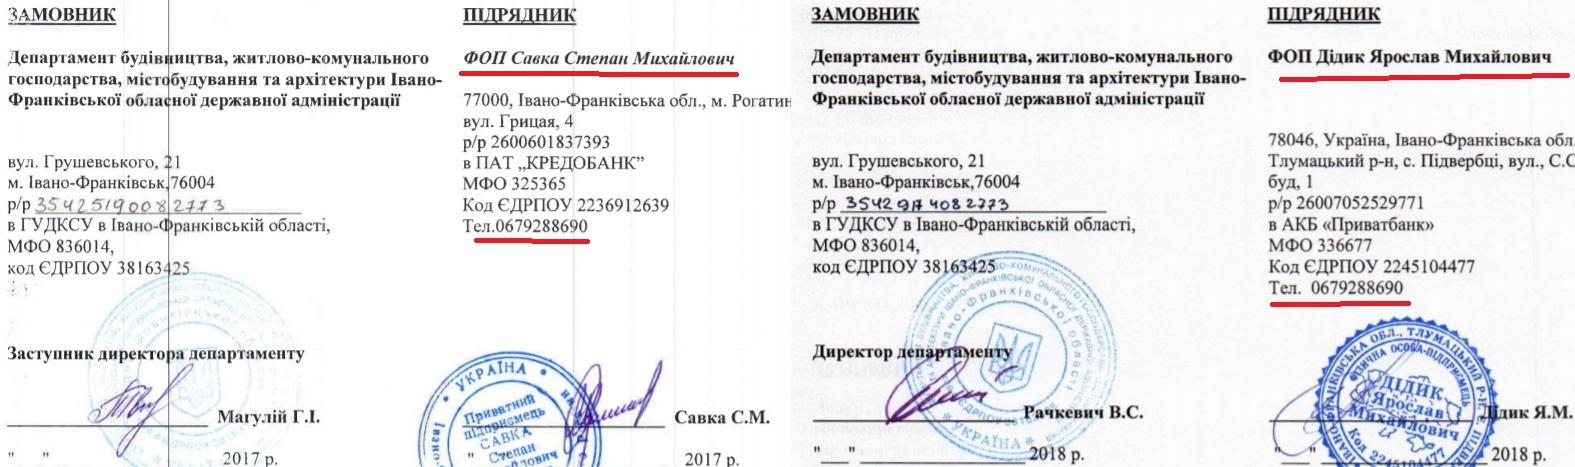 Як в Івано-Франківську залучають корупційні схеми для перемог у тендерах, а місцеві чиновники цього «не помічають»